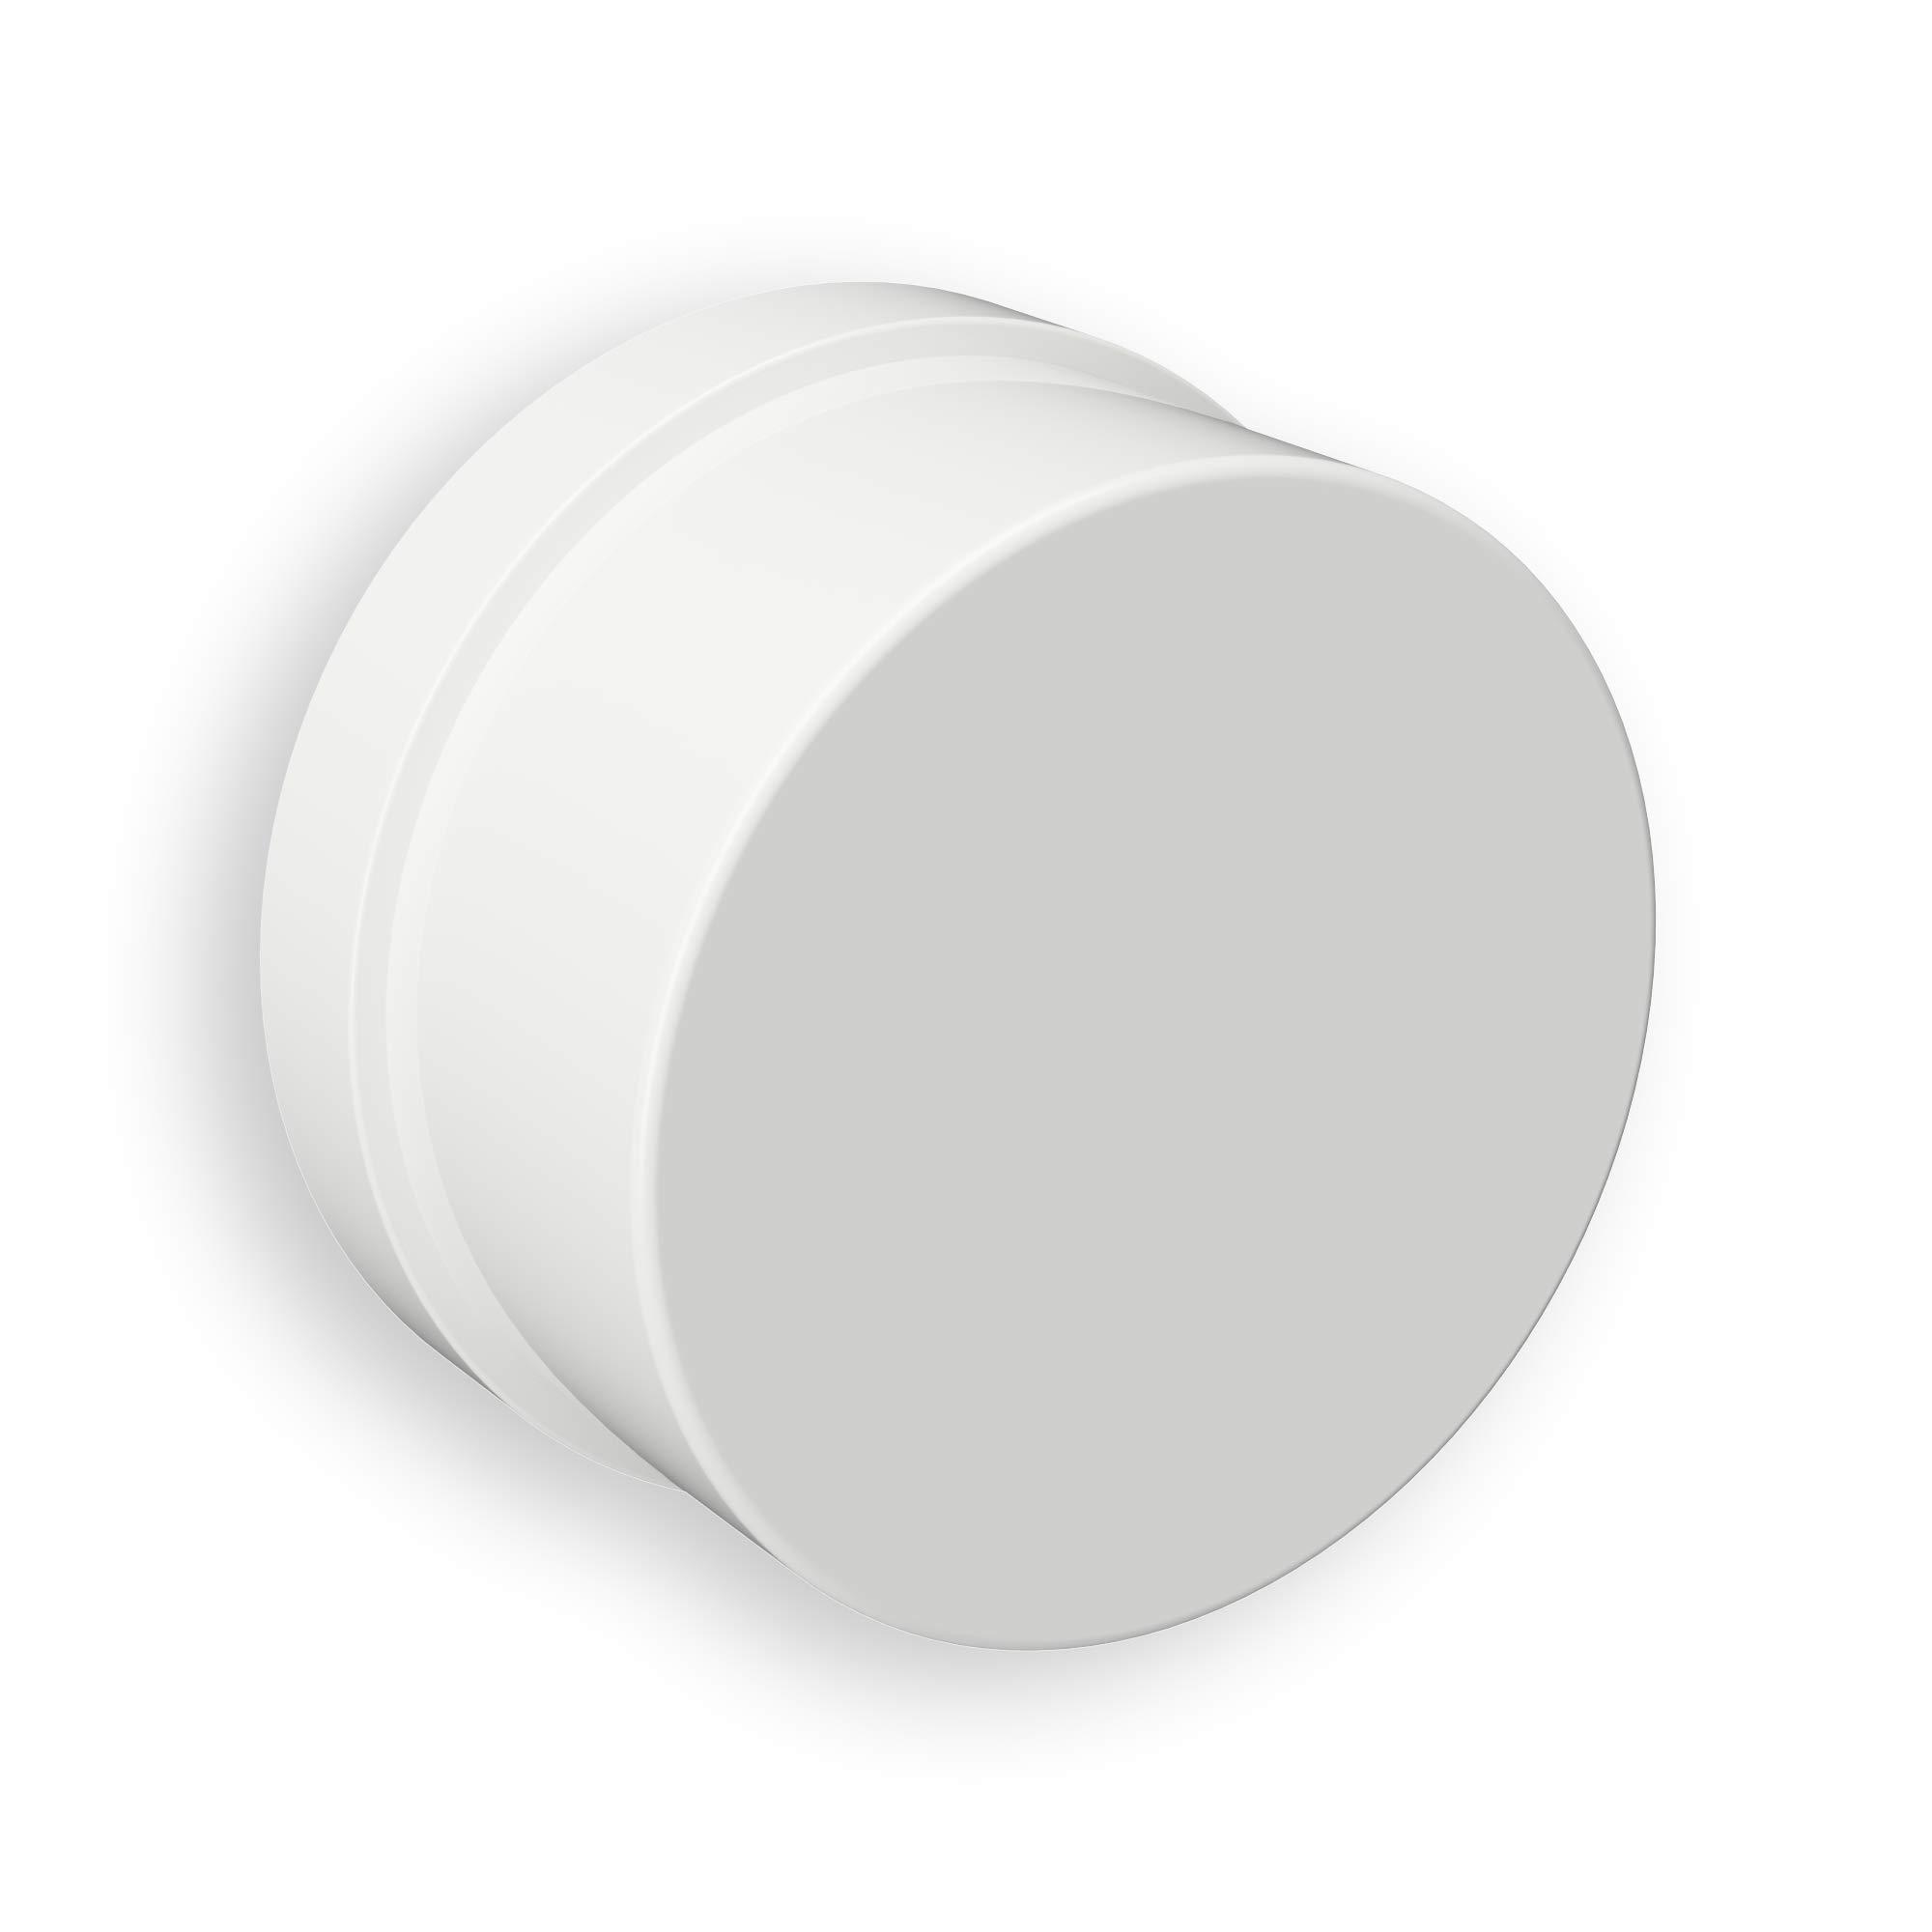 Westek NL-Orbs-2 Nite & Specialty Lites White